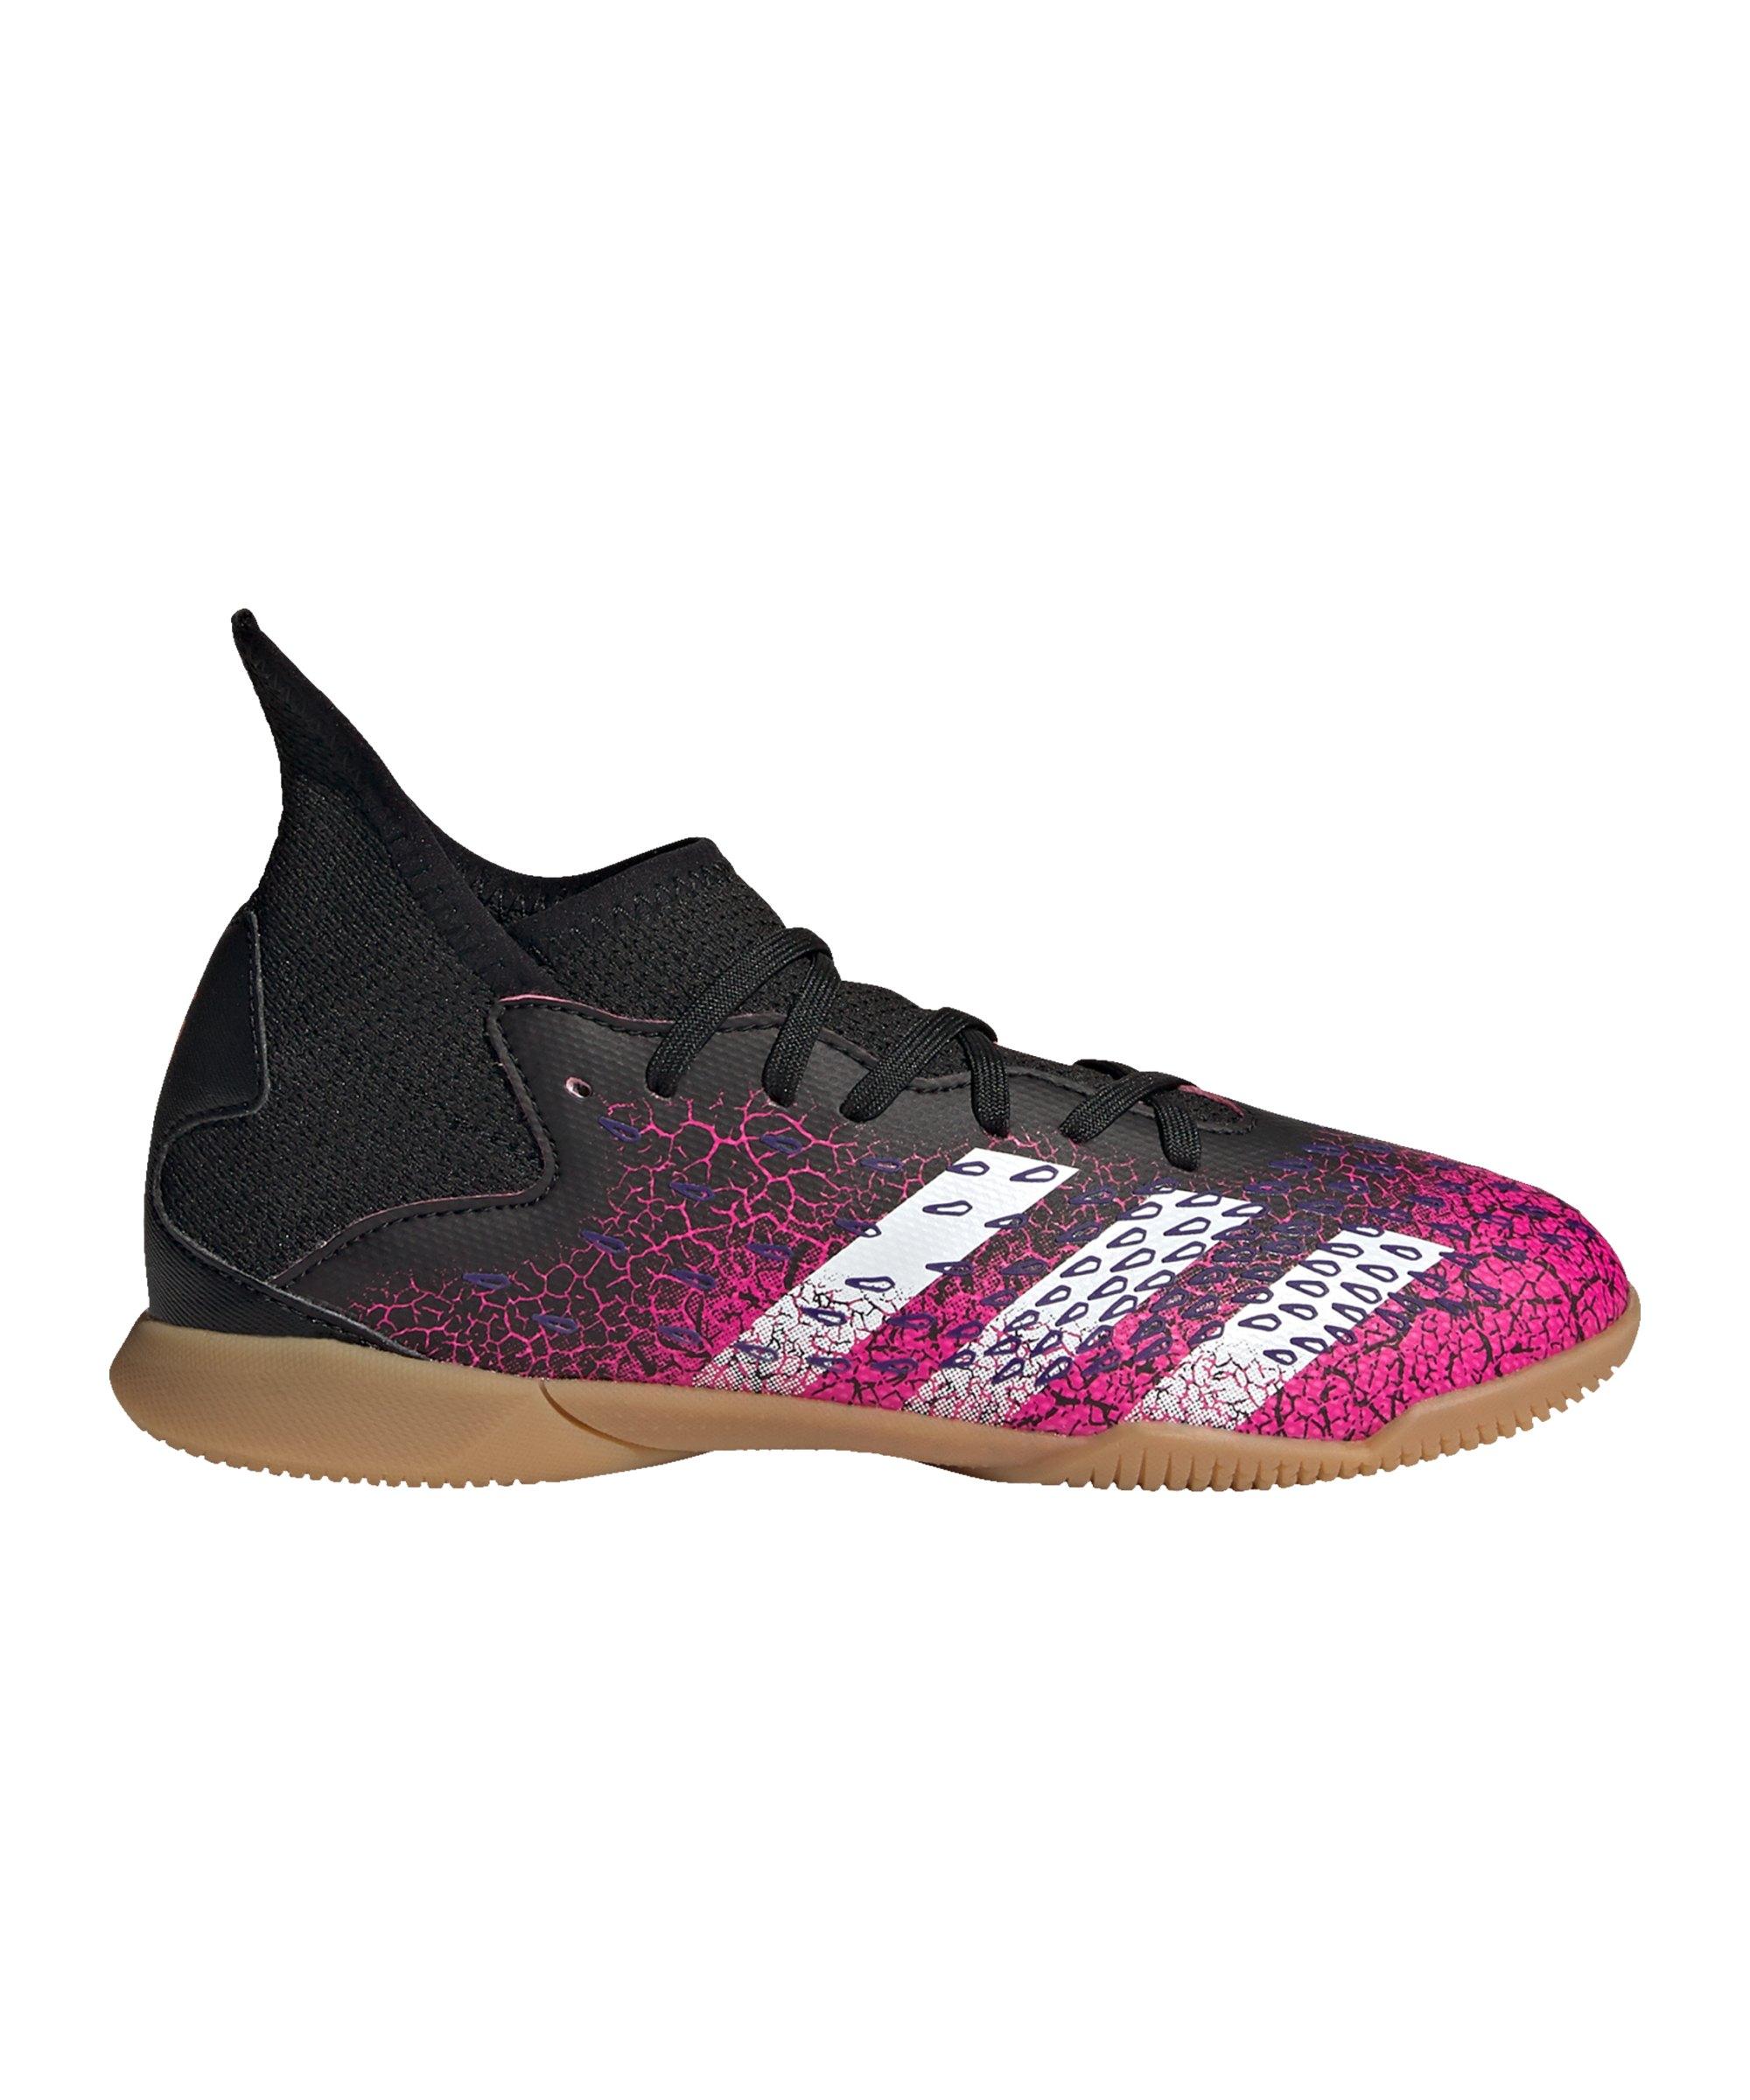 adidas Predator FREAK.3 IN Halle Superspectral J Kids Schwarz Pink - schwarz